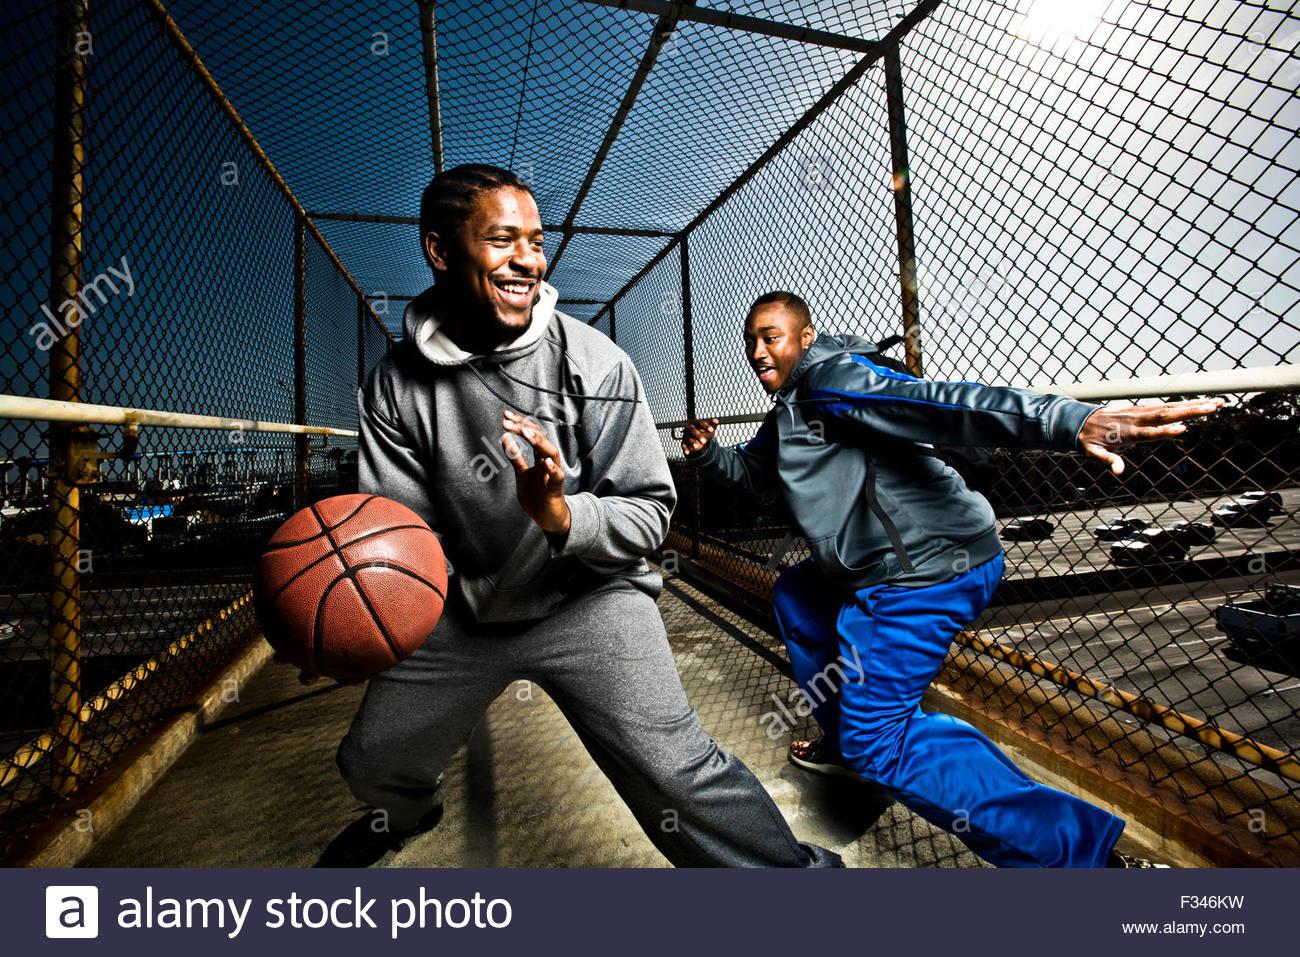 Deux amis jouer avec un terrain de basket-ball Photo Stock